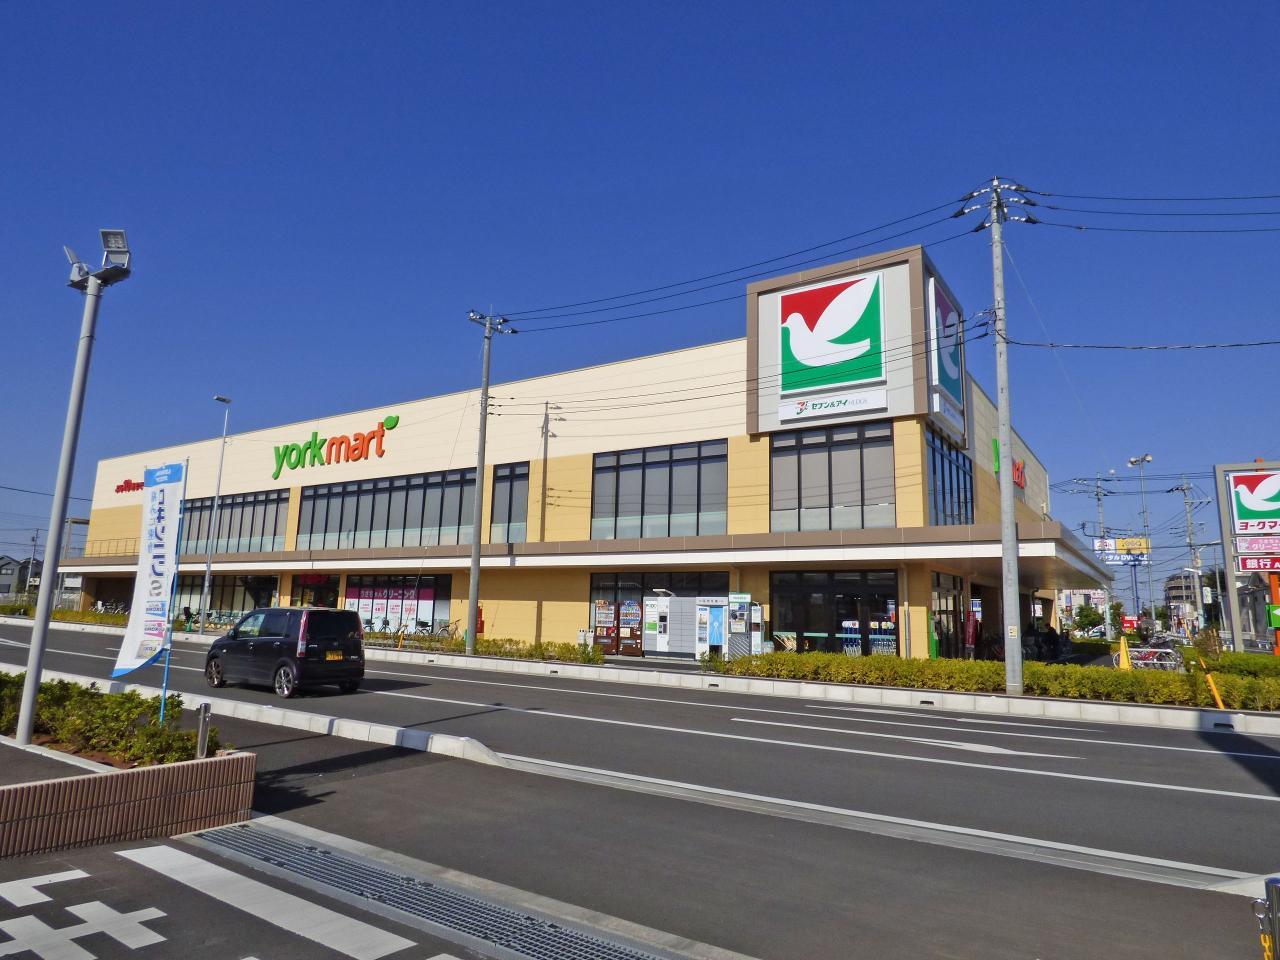 ヨークマート 所沢花園店